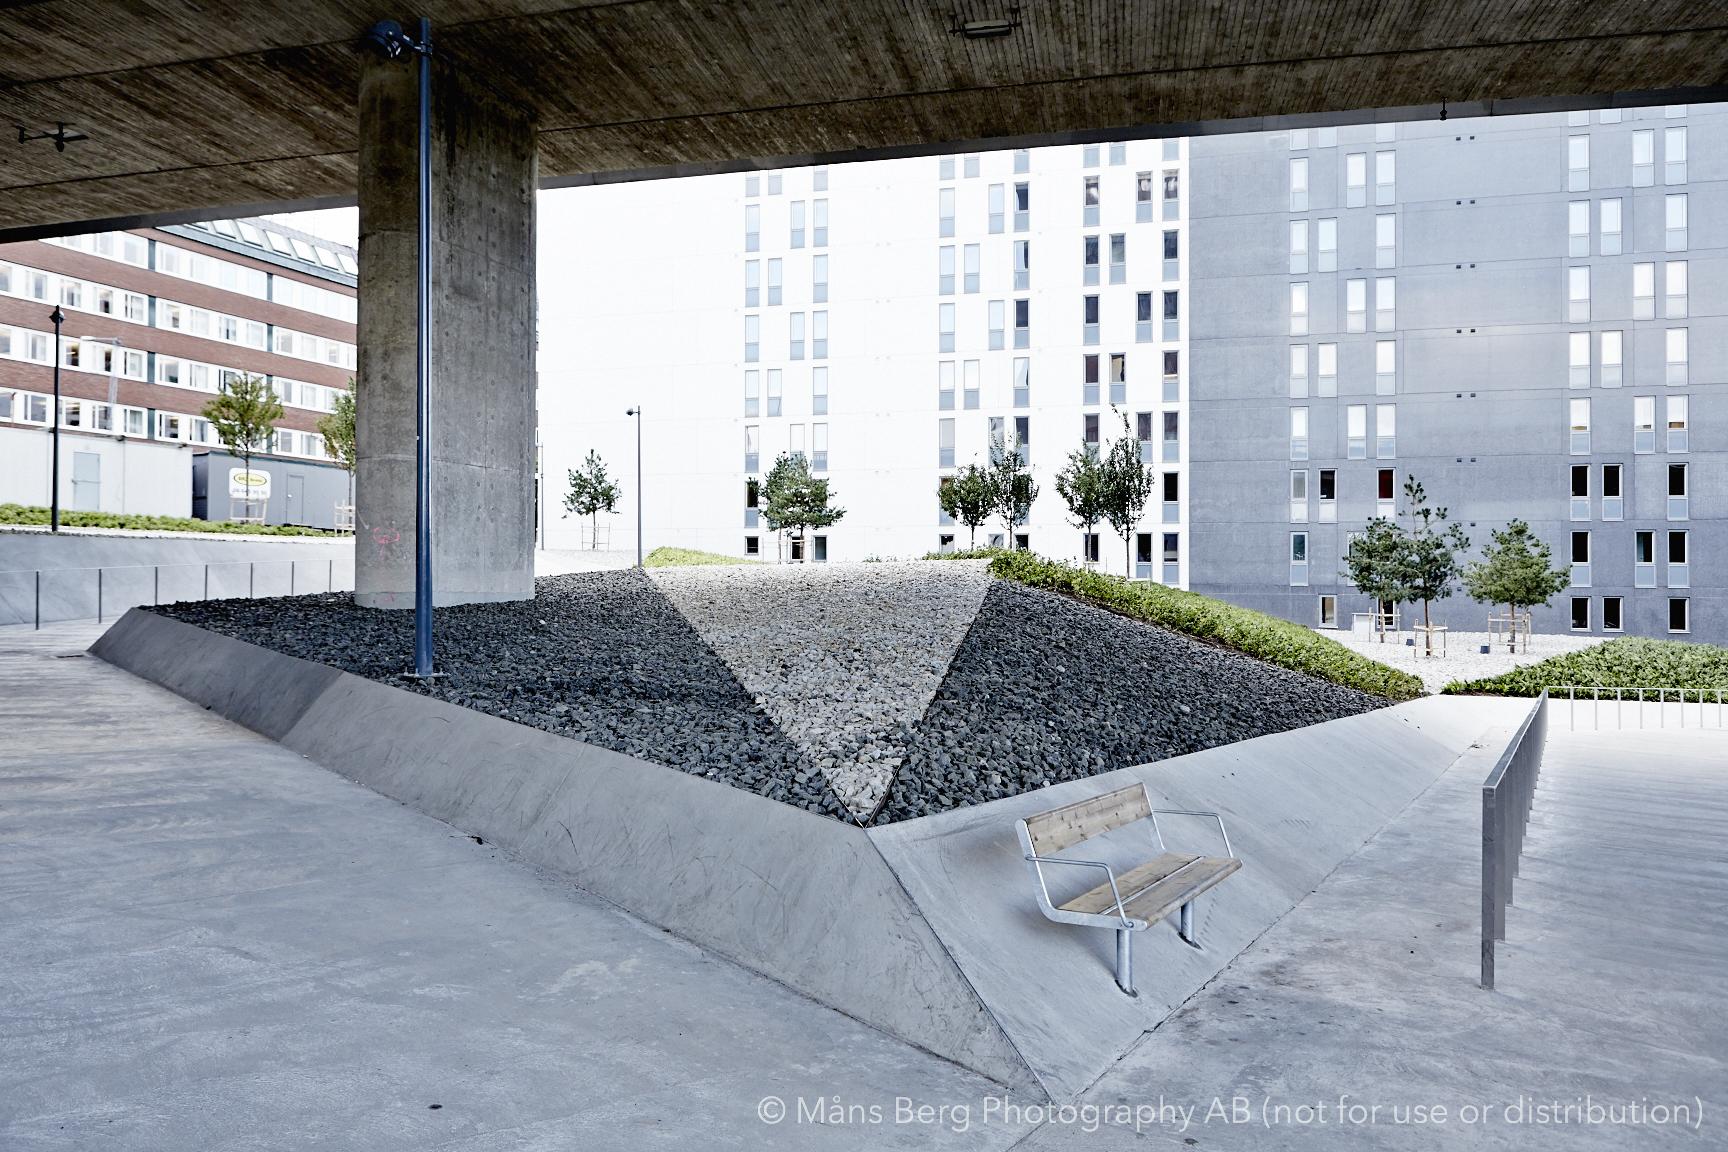 - Komplexa betongarbetenTräd i stadsmiljö, detaljer i stål och kross